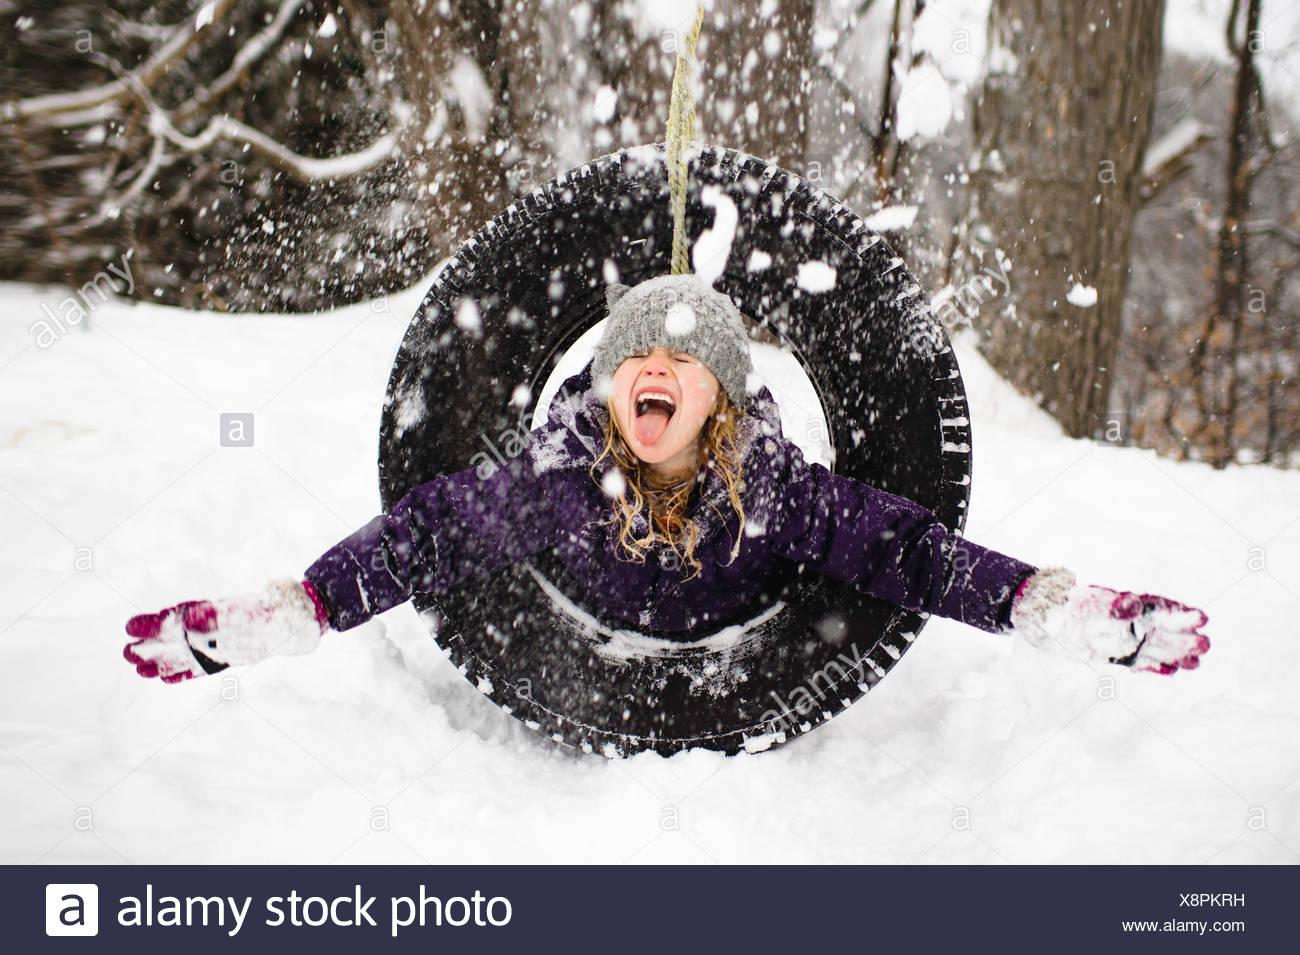 Fille jouant dans la neige sur balançoire pneu Photo Stock